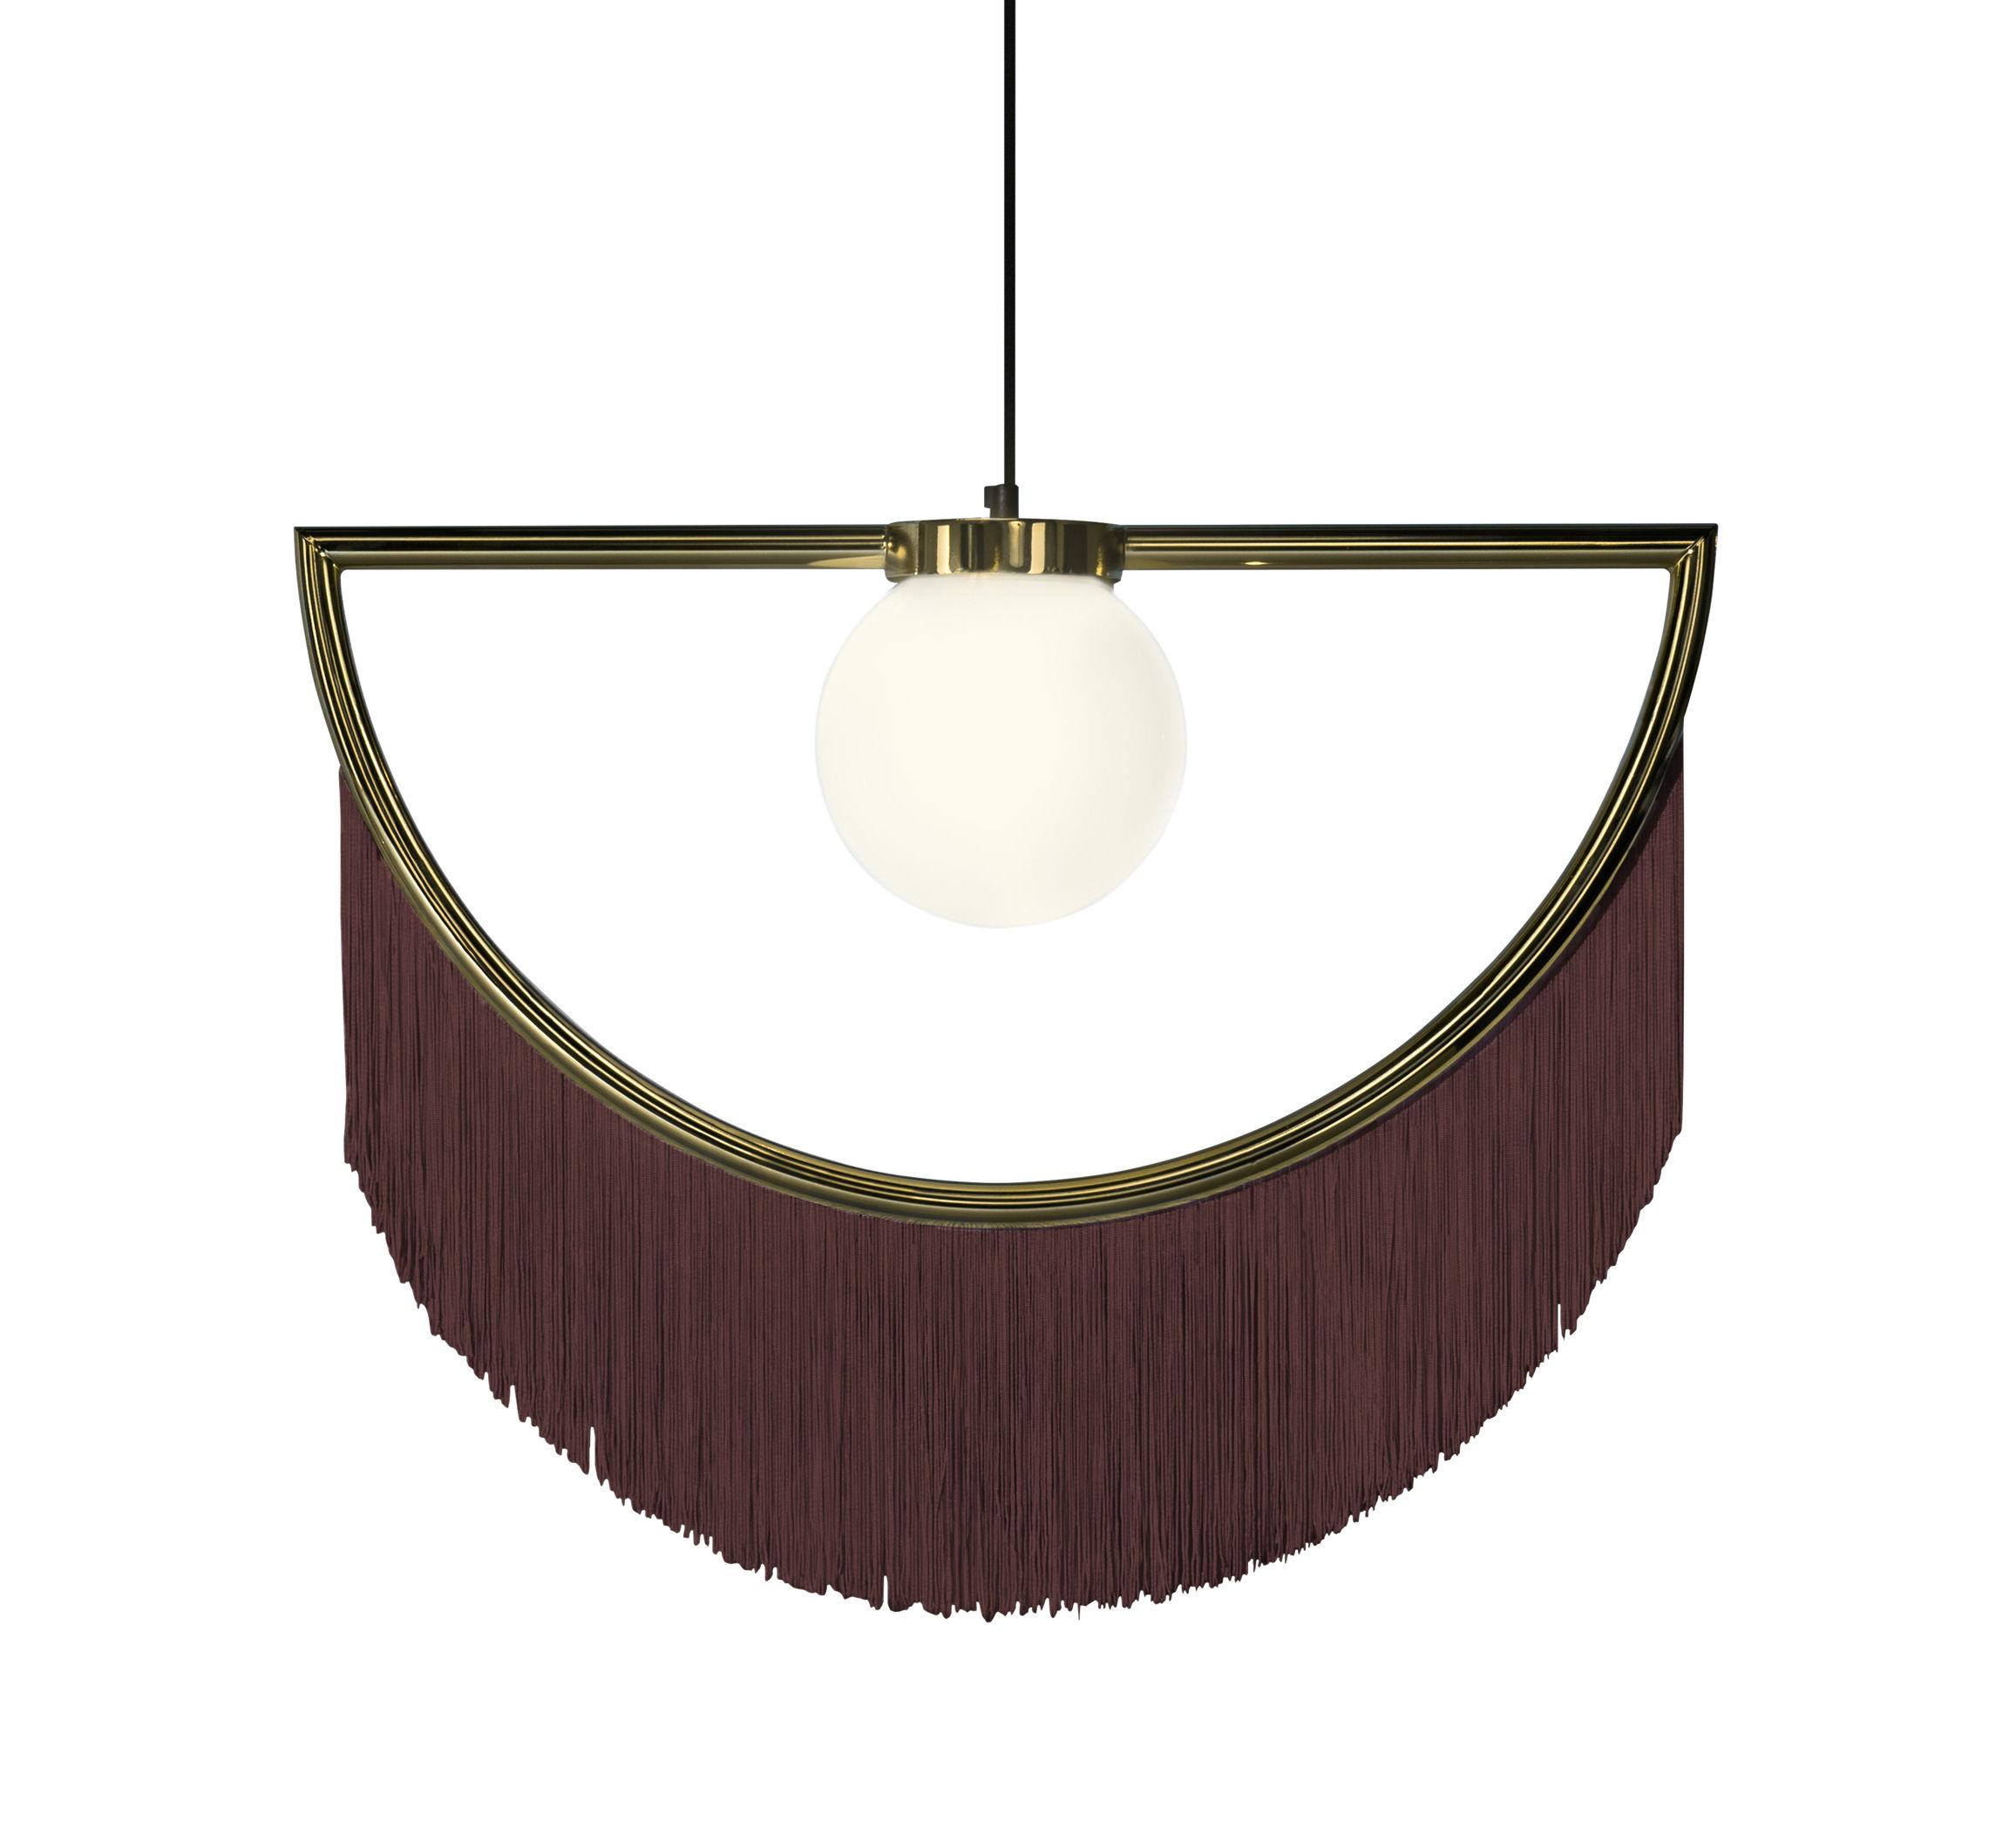 Illuminazione - Lampadari - Sospensione Wink - / Frange - L 60 x H 48 cm di Houtique - Marron / Or - Acciaio, Acrilico, Vetro opalino